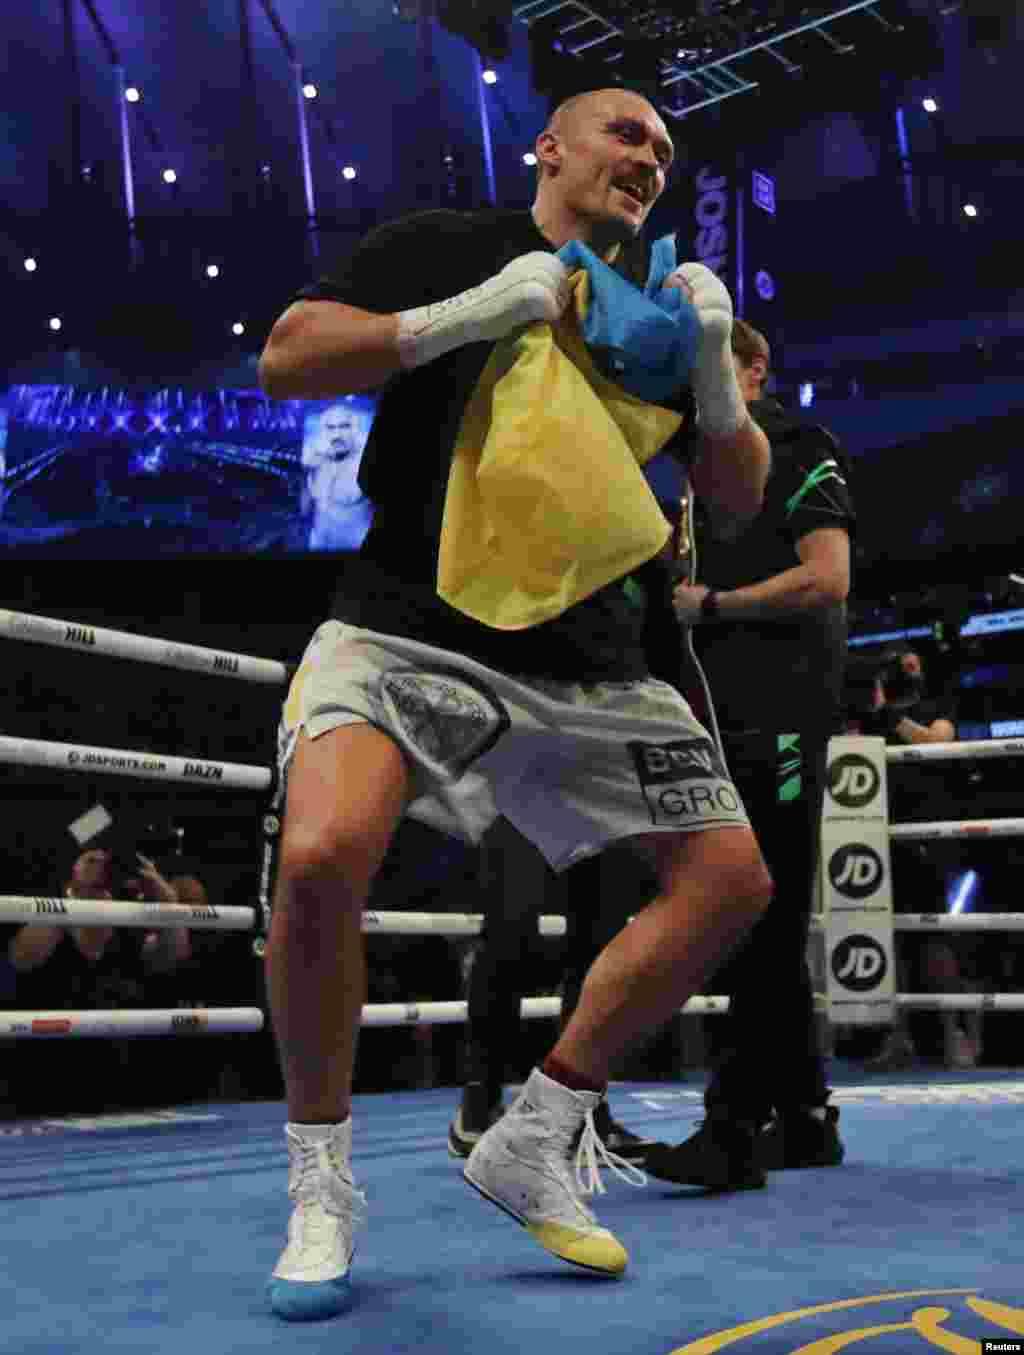 Усик сплясал украинский гопак после победы над британцем Энтони Джошуа